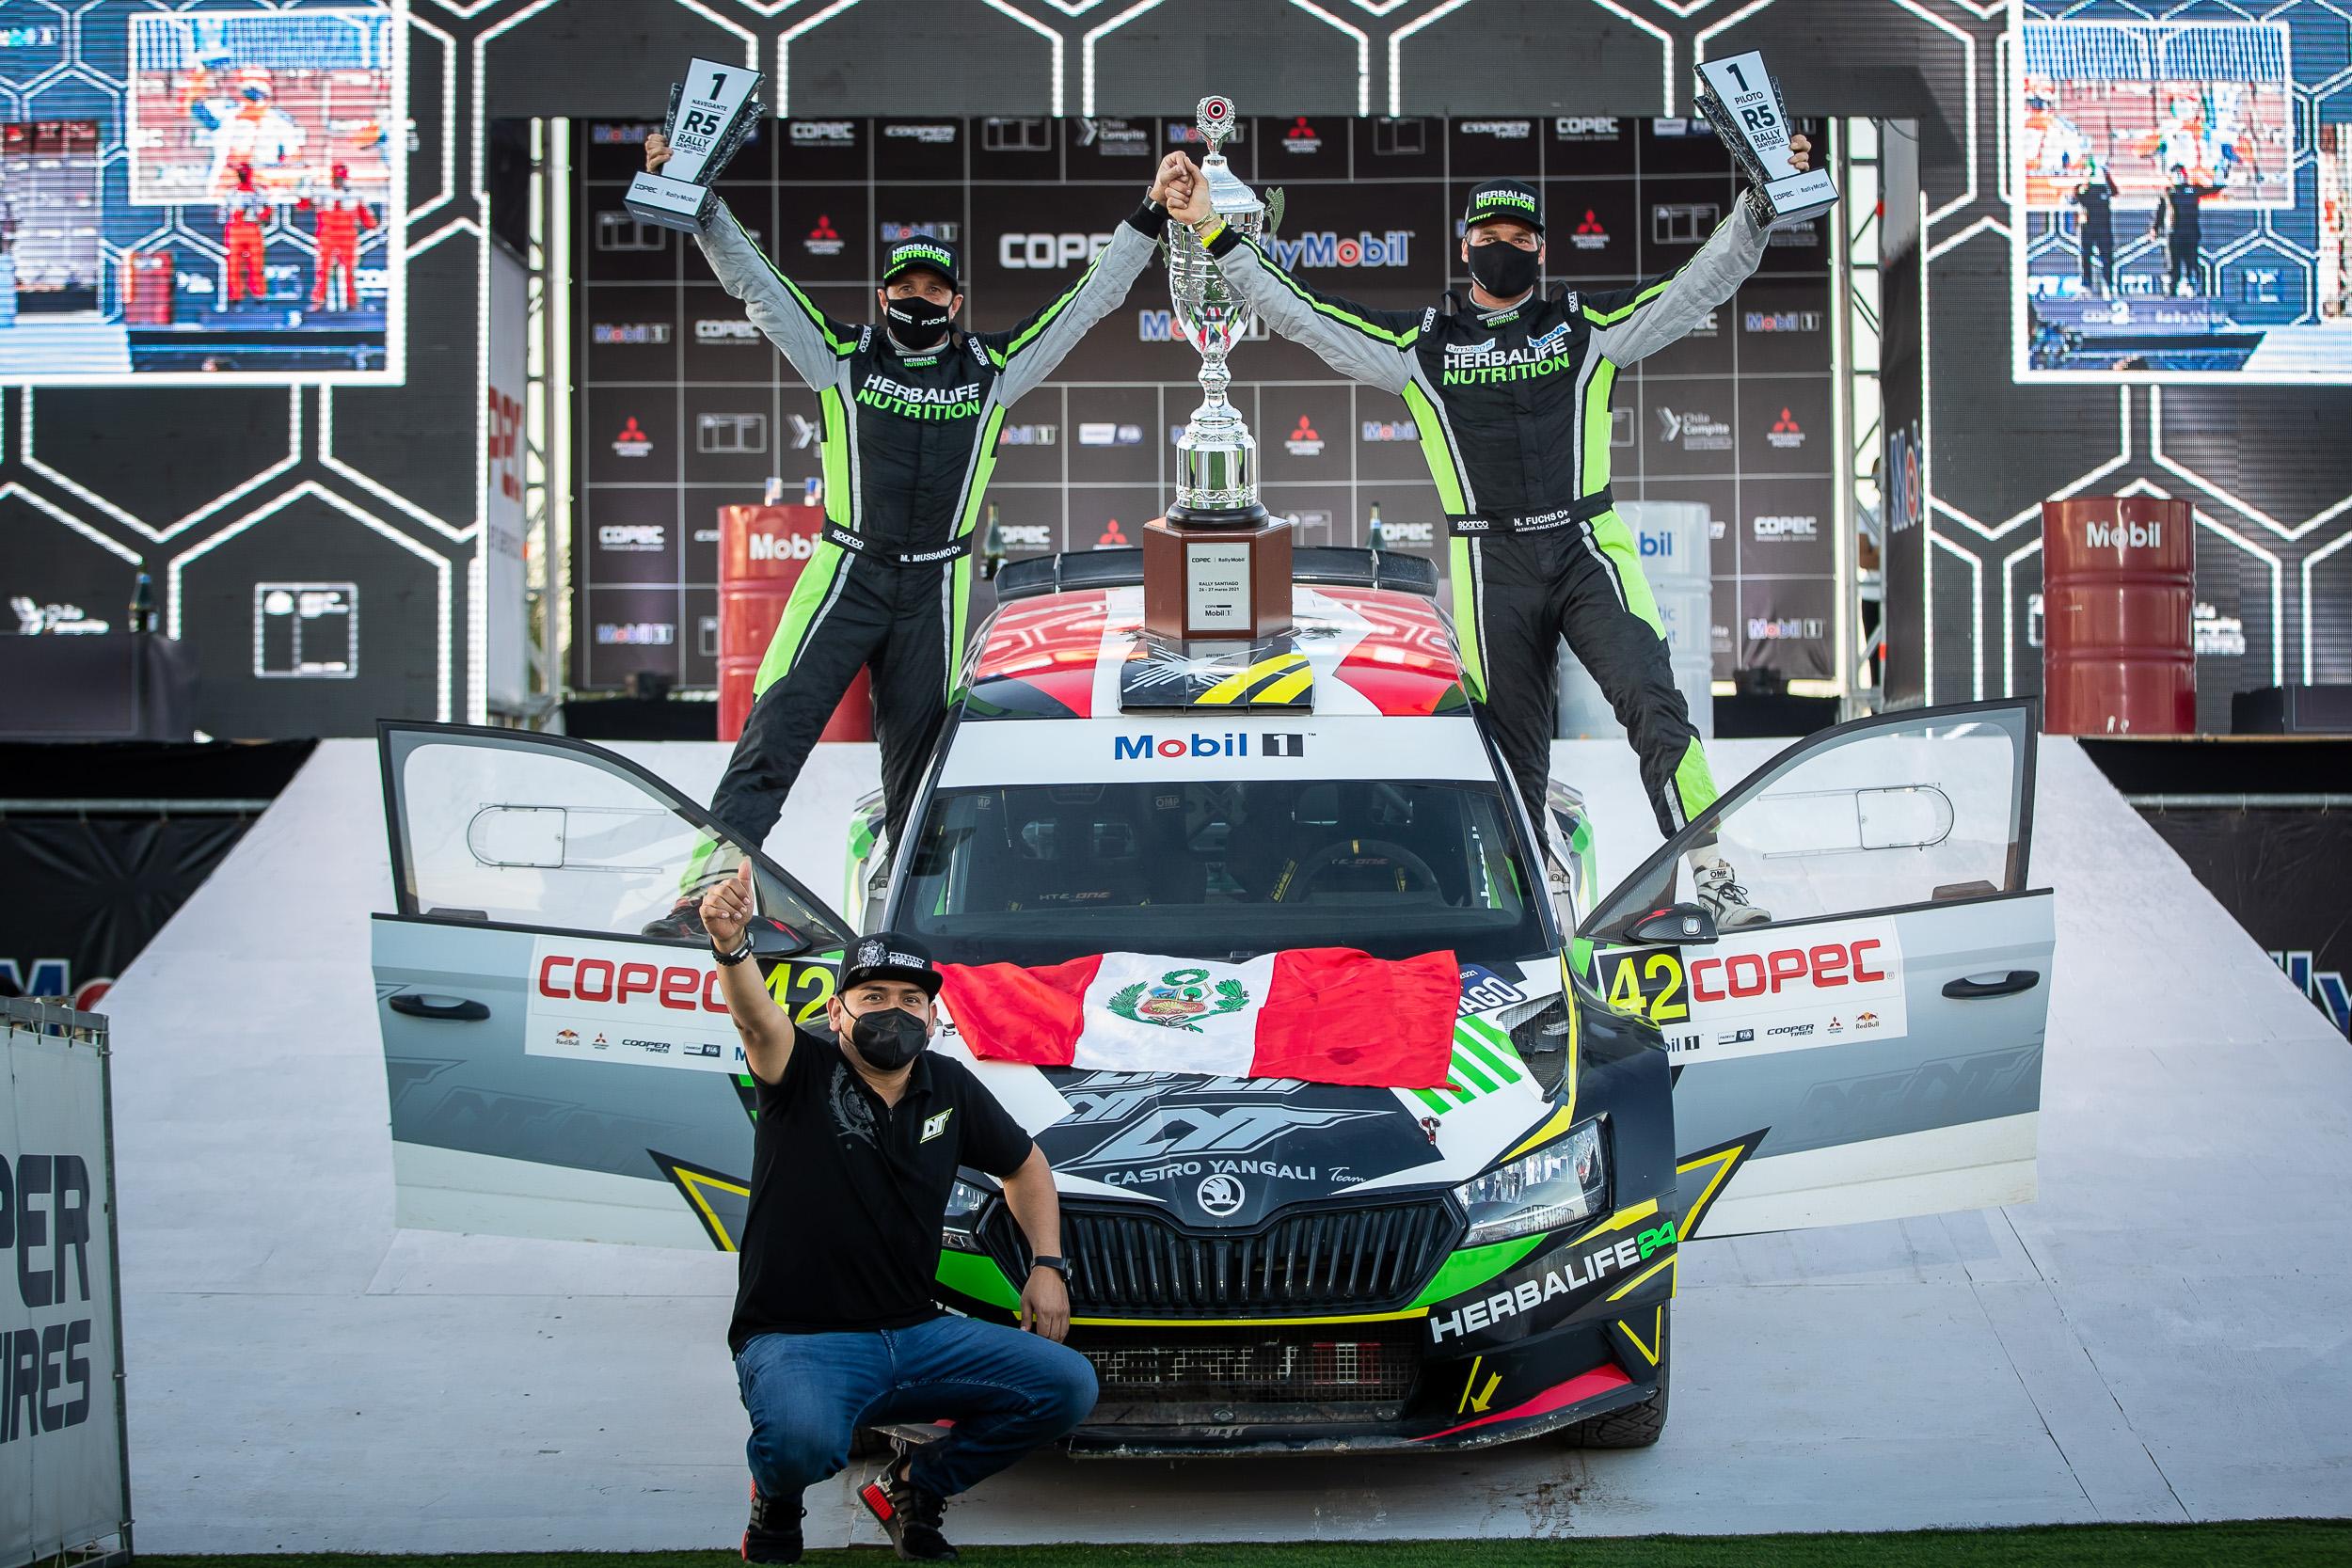 El peruano Nicolás Fuchs ganó en el regreso del Campeonato RallyMobil - La  Tercera